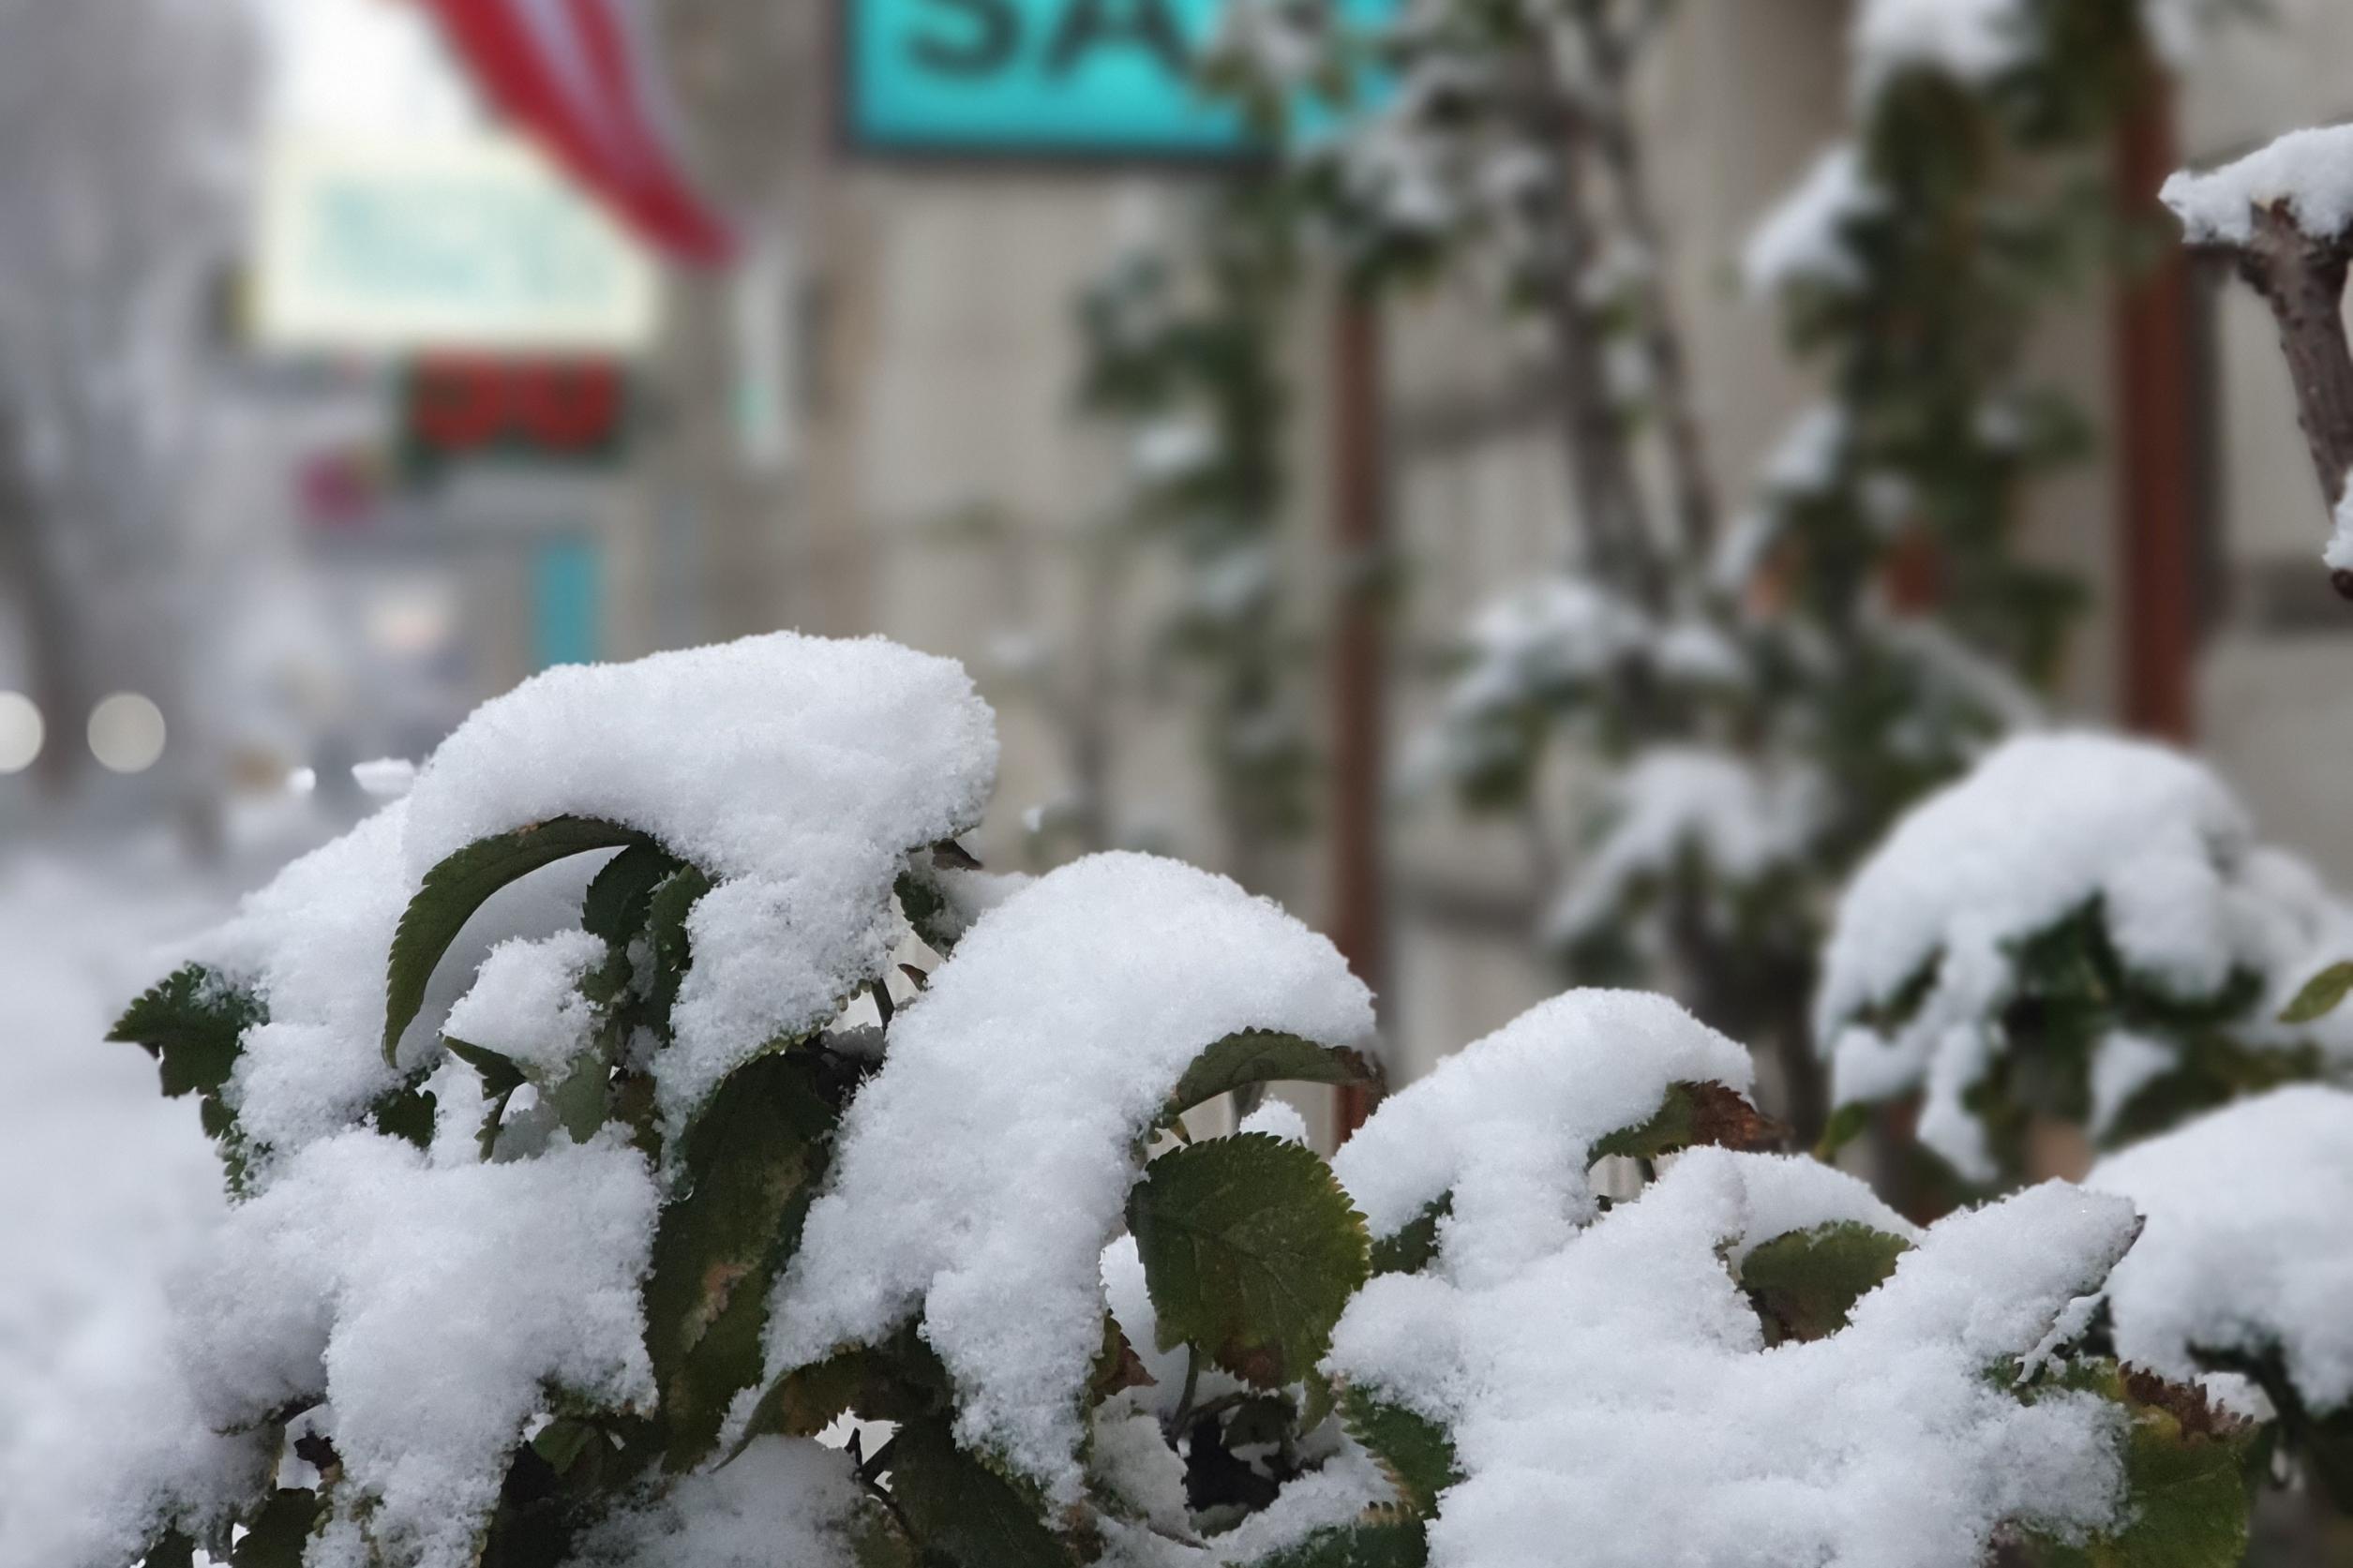 Dinge die man beim ersten Schnee machen kann